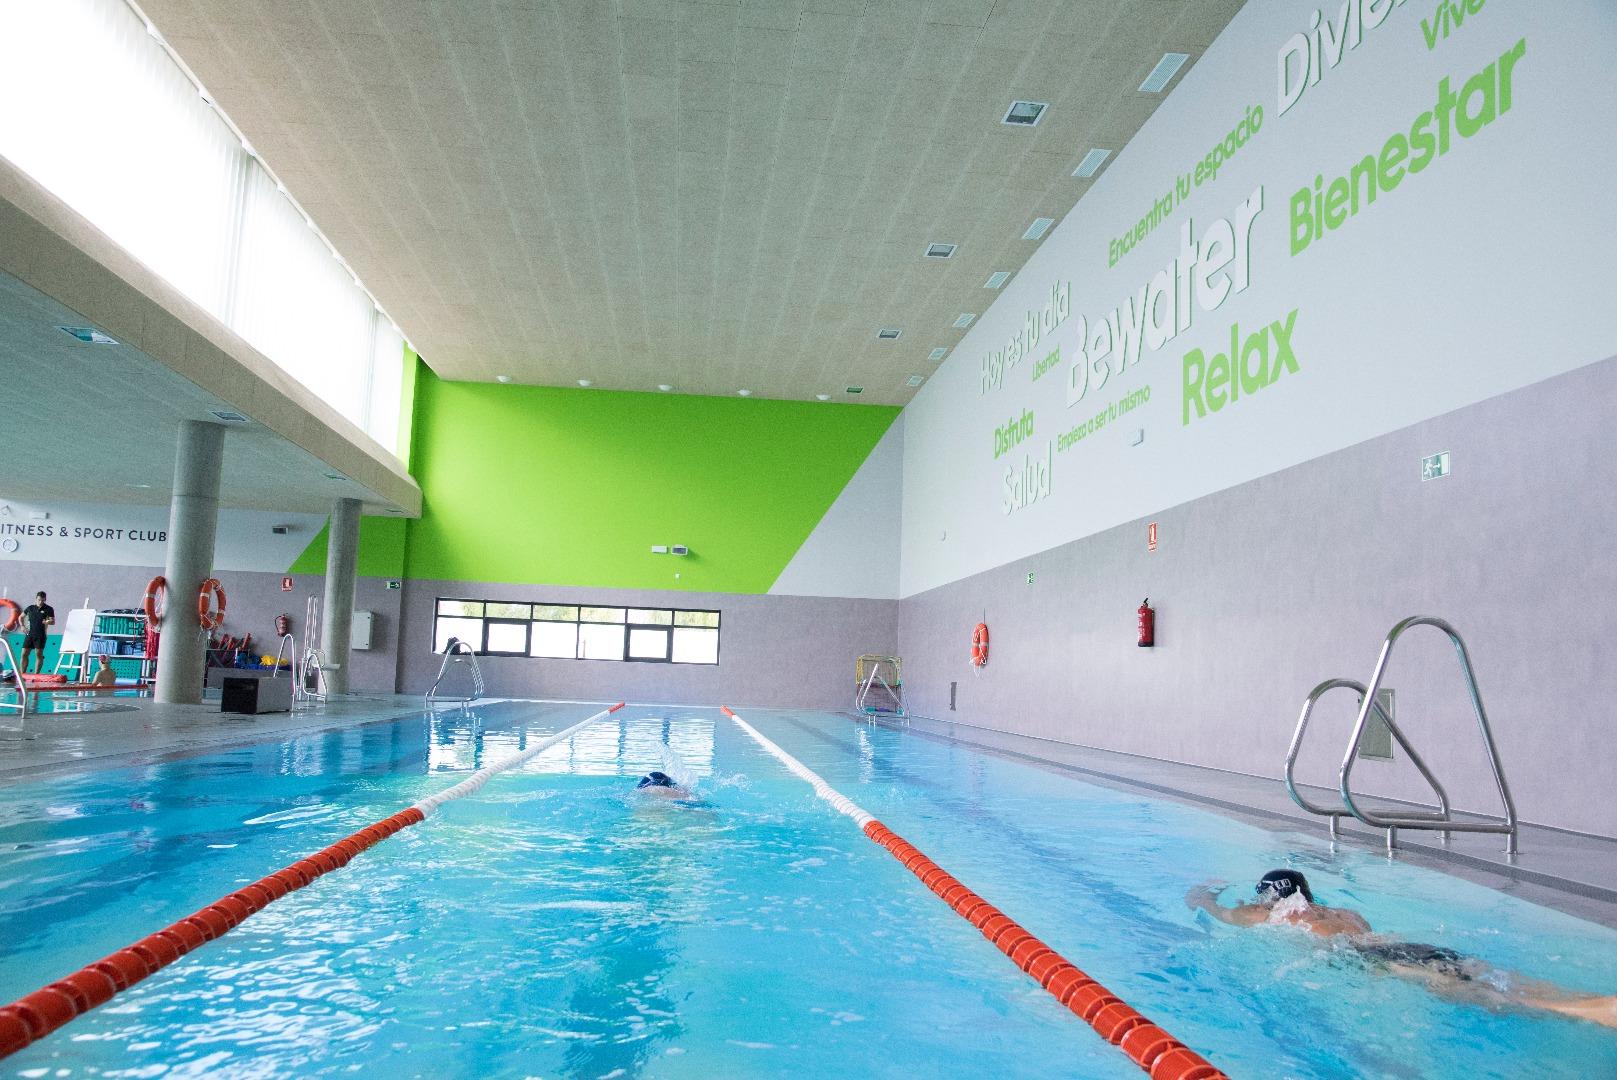 Los mejores gimnasios con piscina interior en granada - Piscina arabial granada precios ...